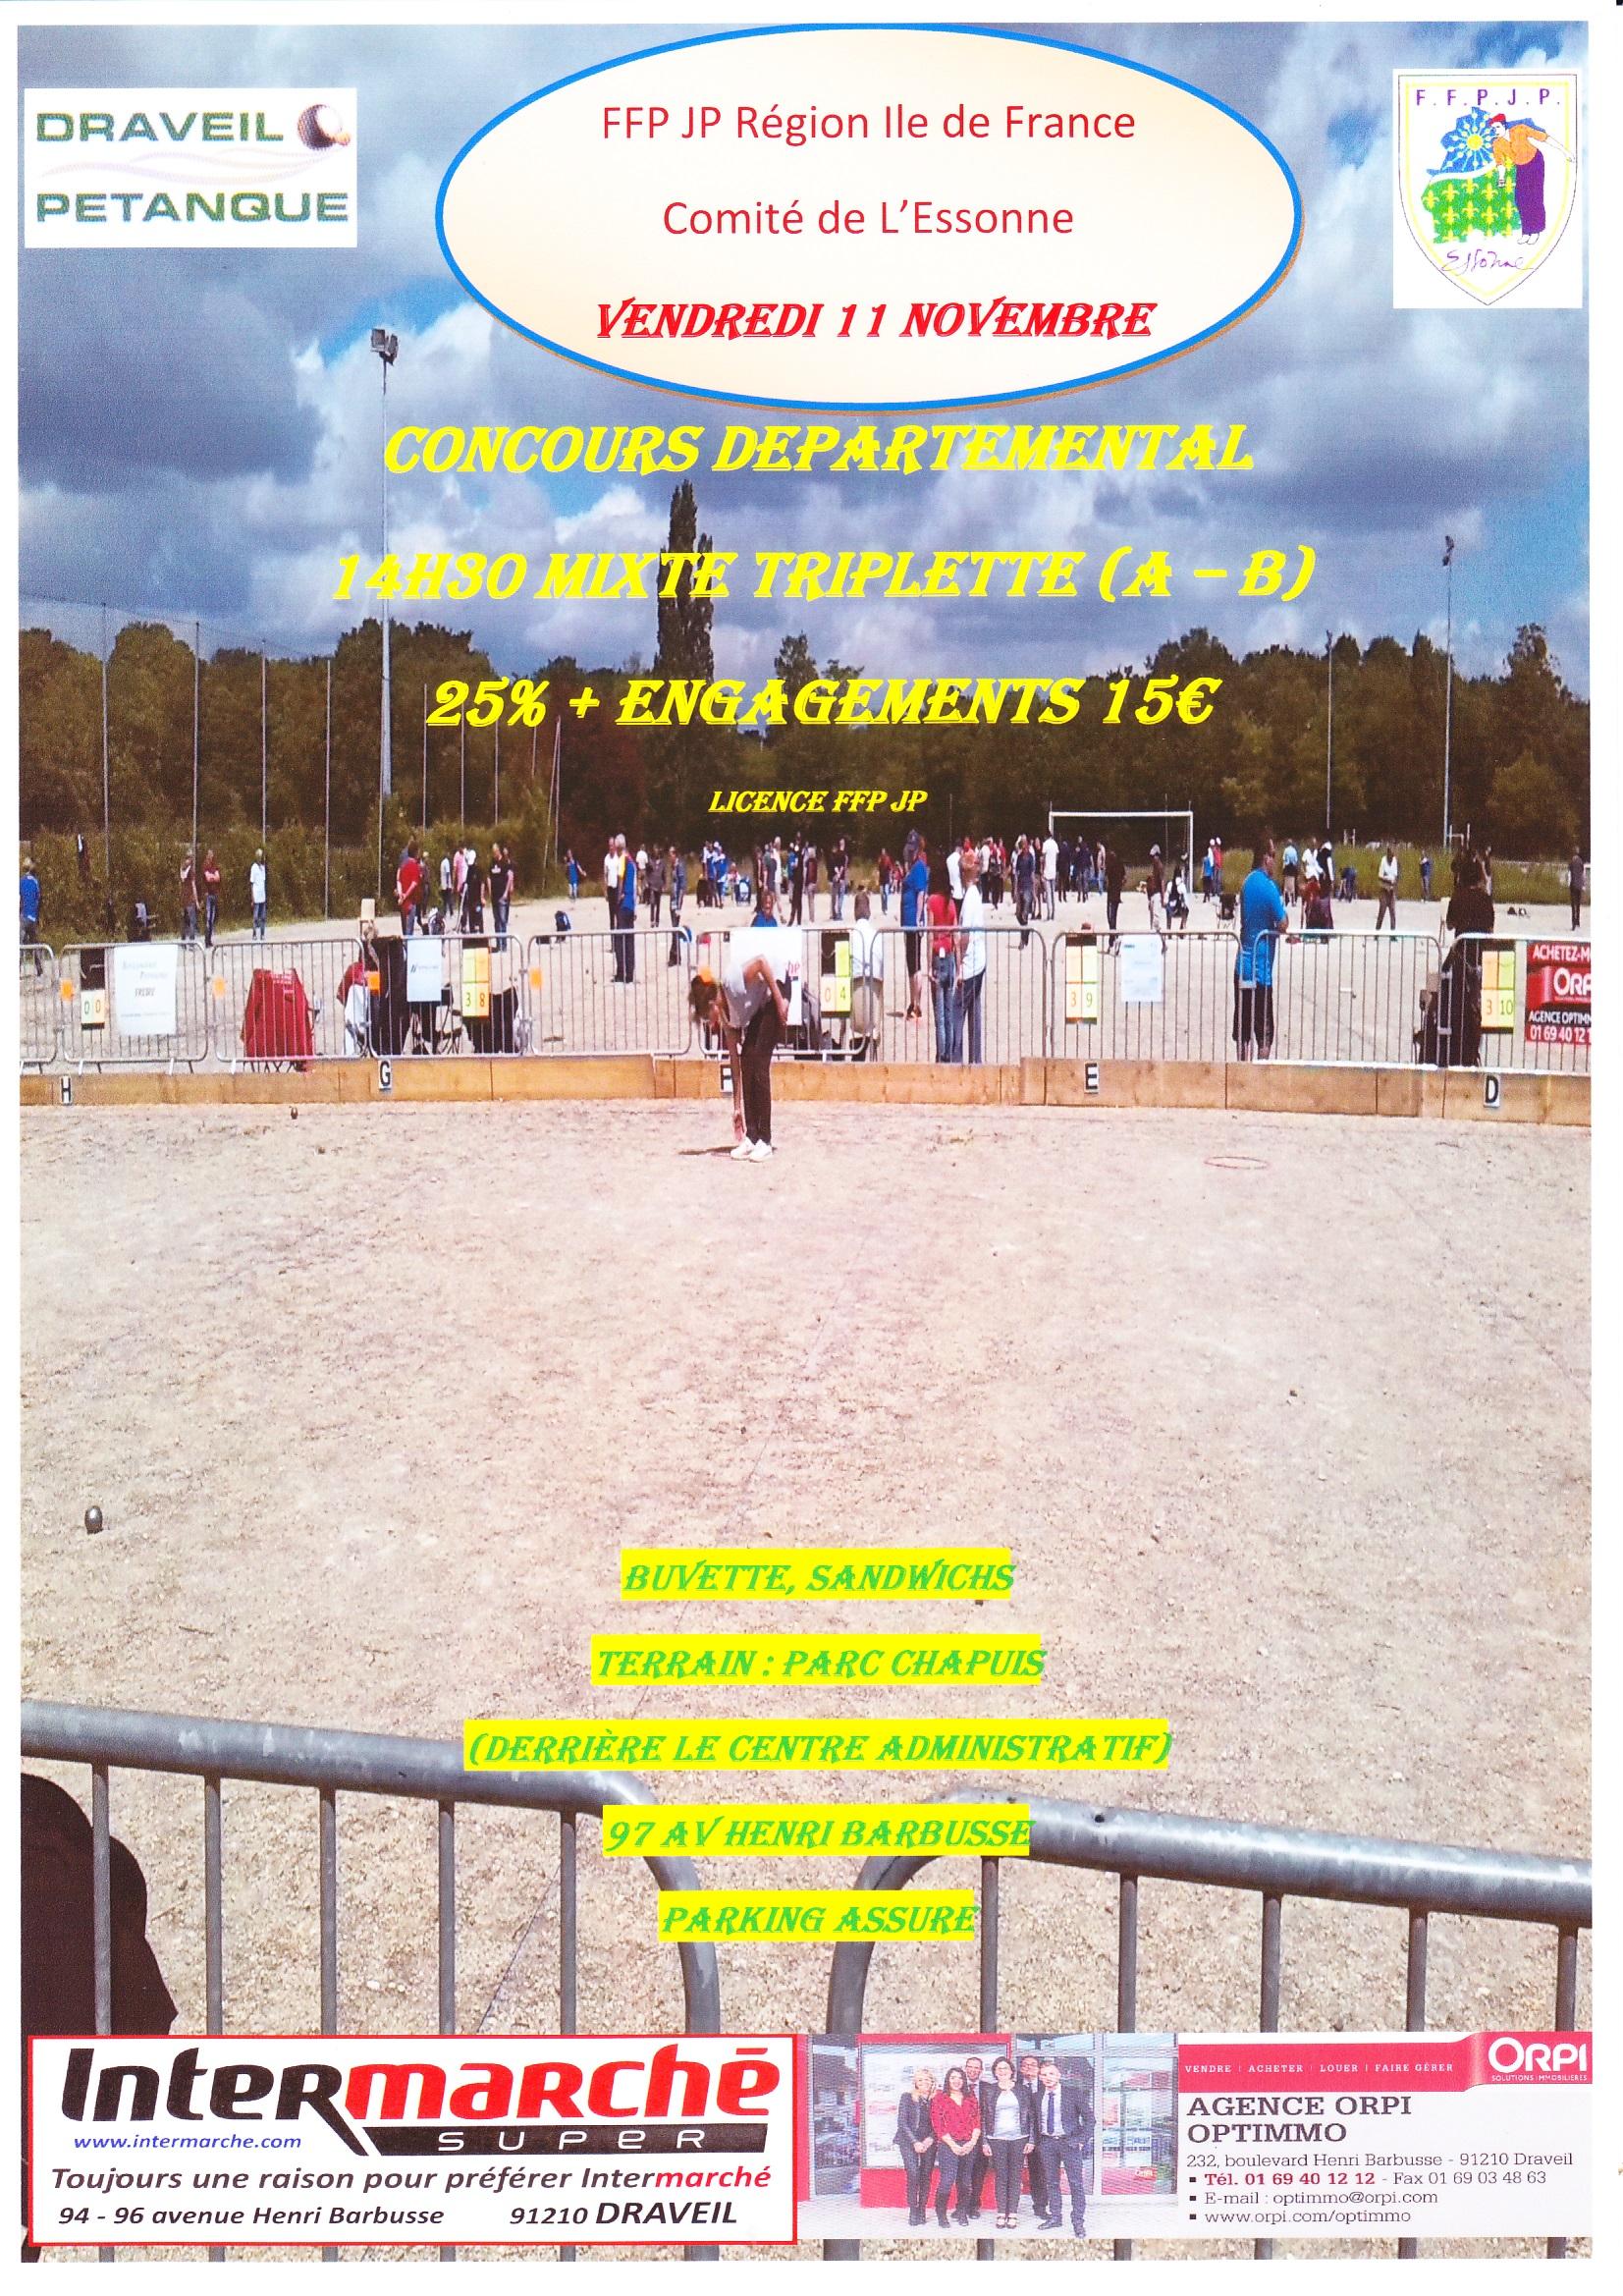 Affiche du concours à DRAVEIL le 11 Novembre à communiquer